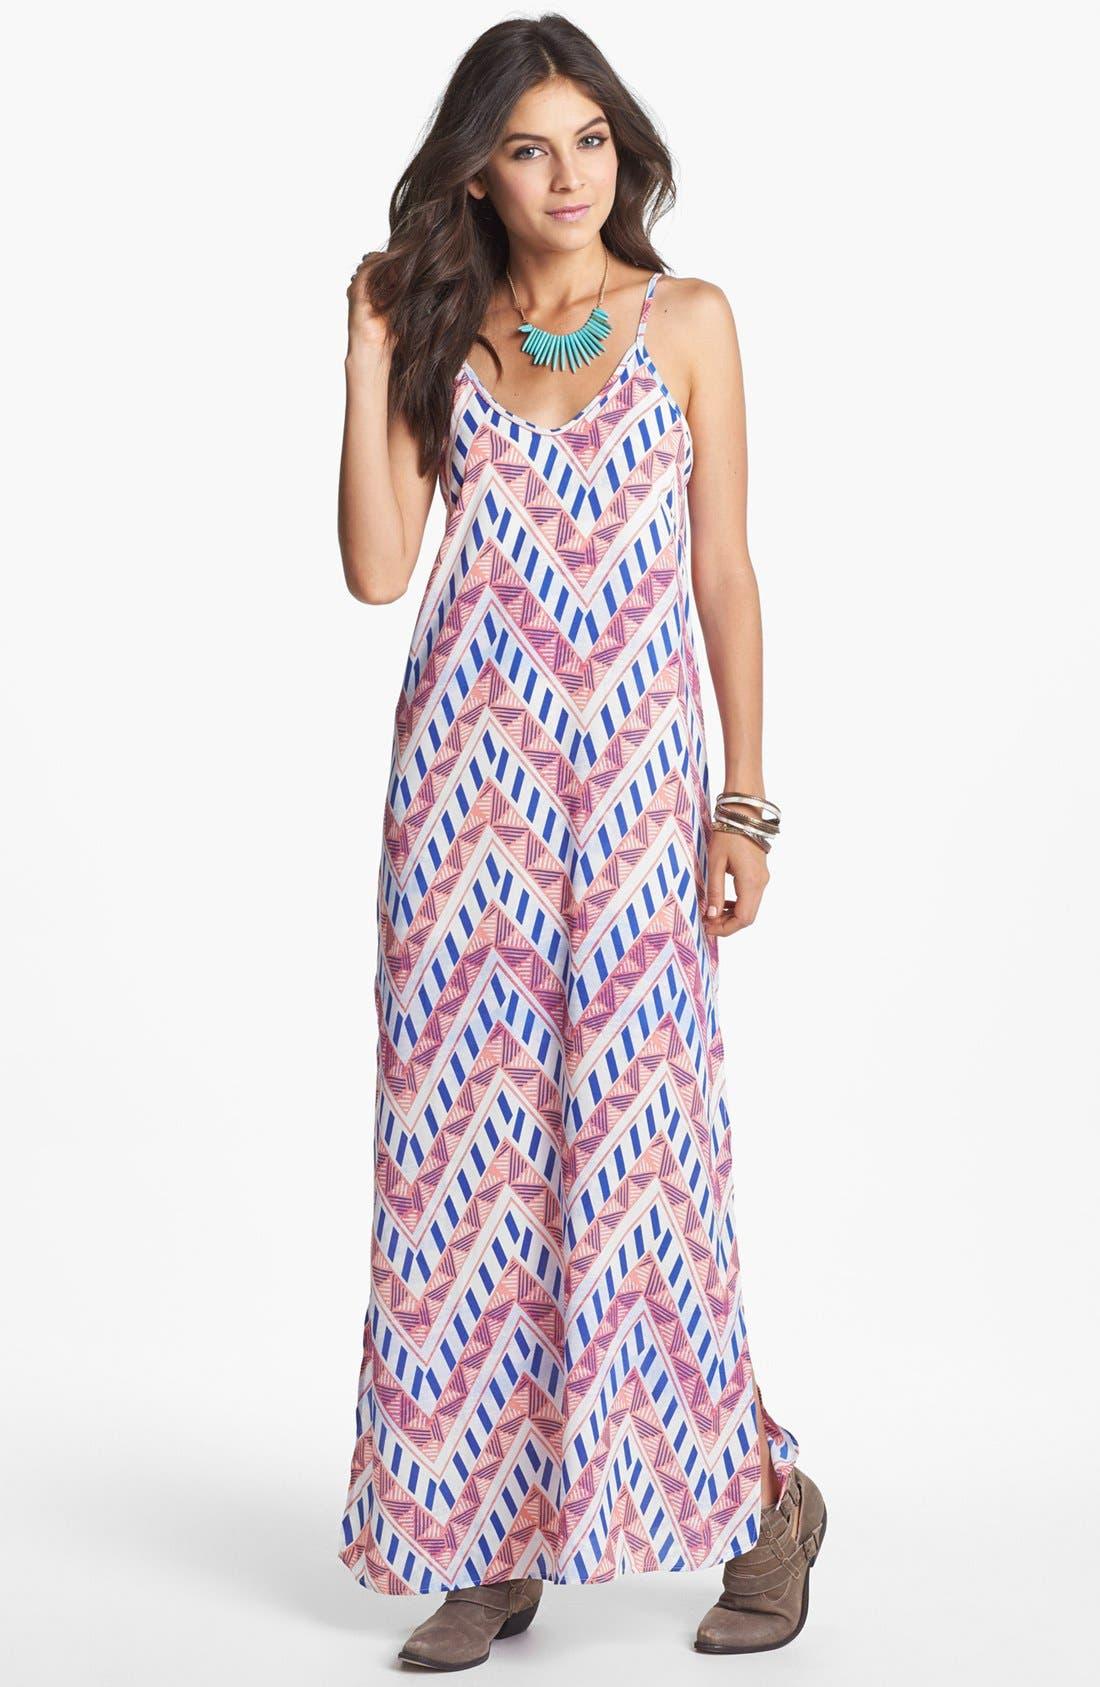 Alternate Image 1 Selected - Lush Back Cutout Print Maxi Dress (Juniors)